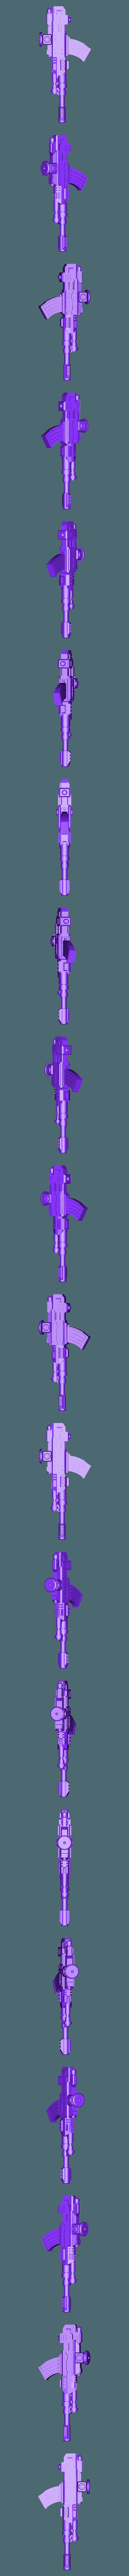 1-100th Defender Layout-HighRez-Cannon2.stl Télécharger fichier STL gratuit 1/100e de l'échelle Defender Mech • Design pour imprimante 3D, johnbearross